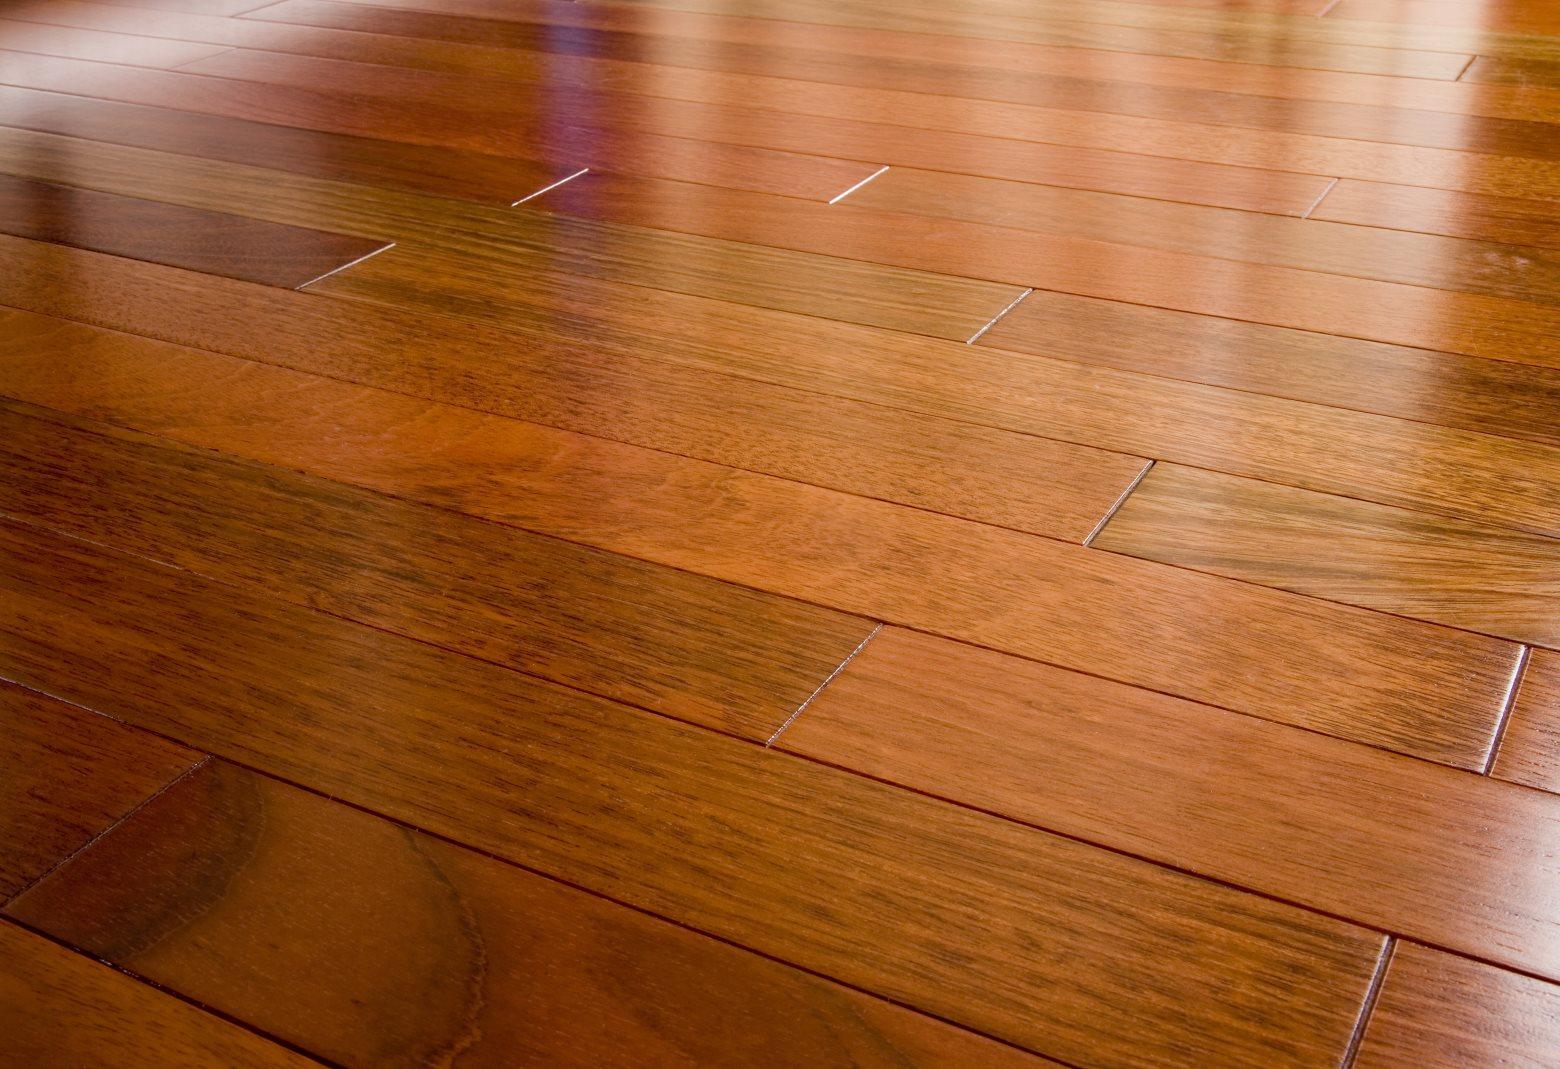 Wood flooring contractors ct hardwood refinishing for Hardwood floor contractors